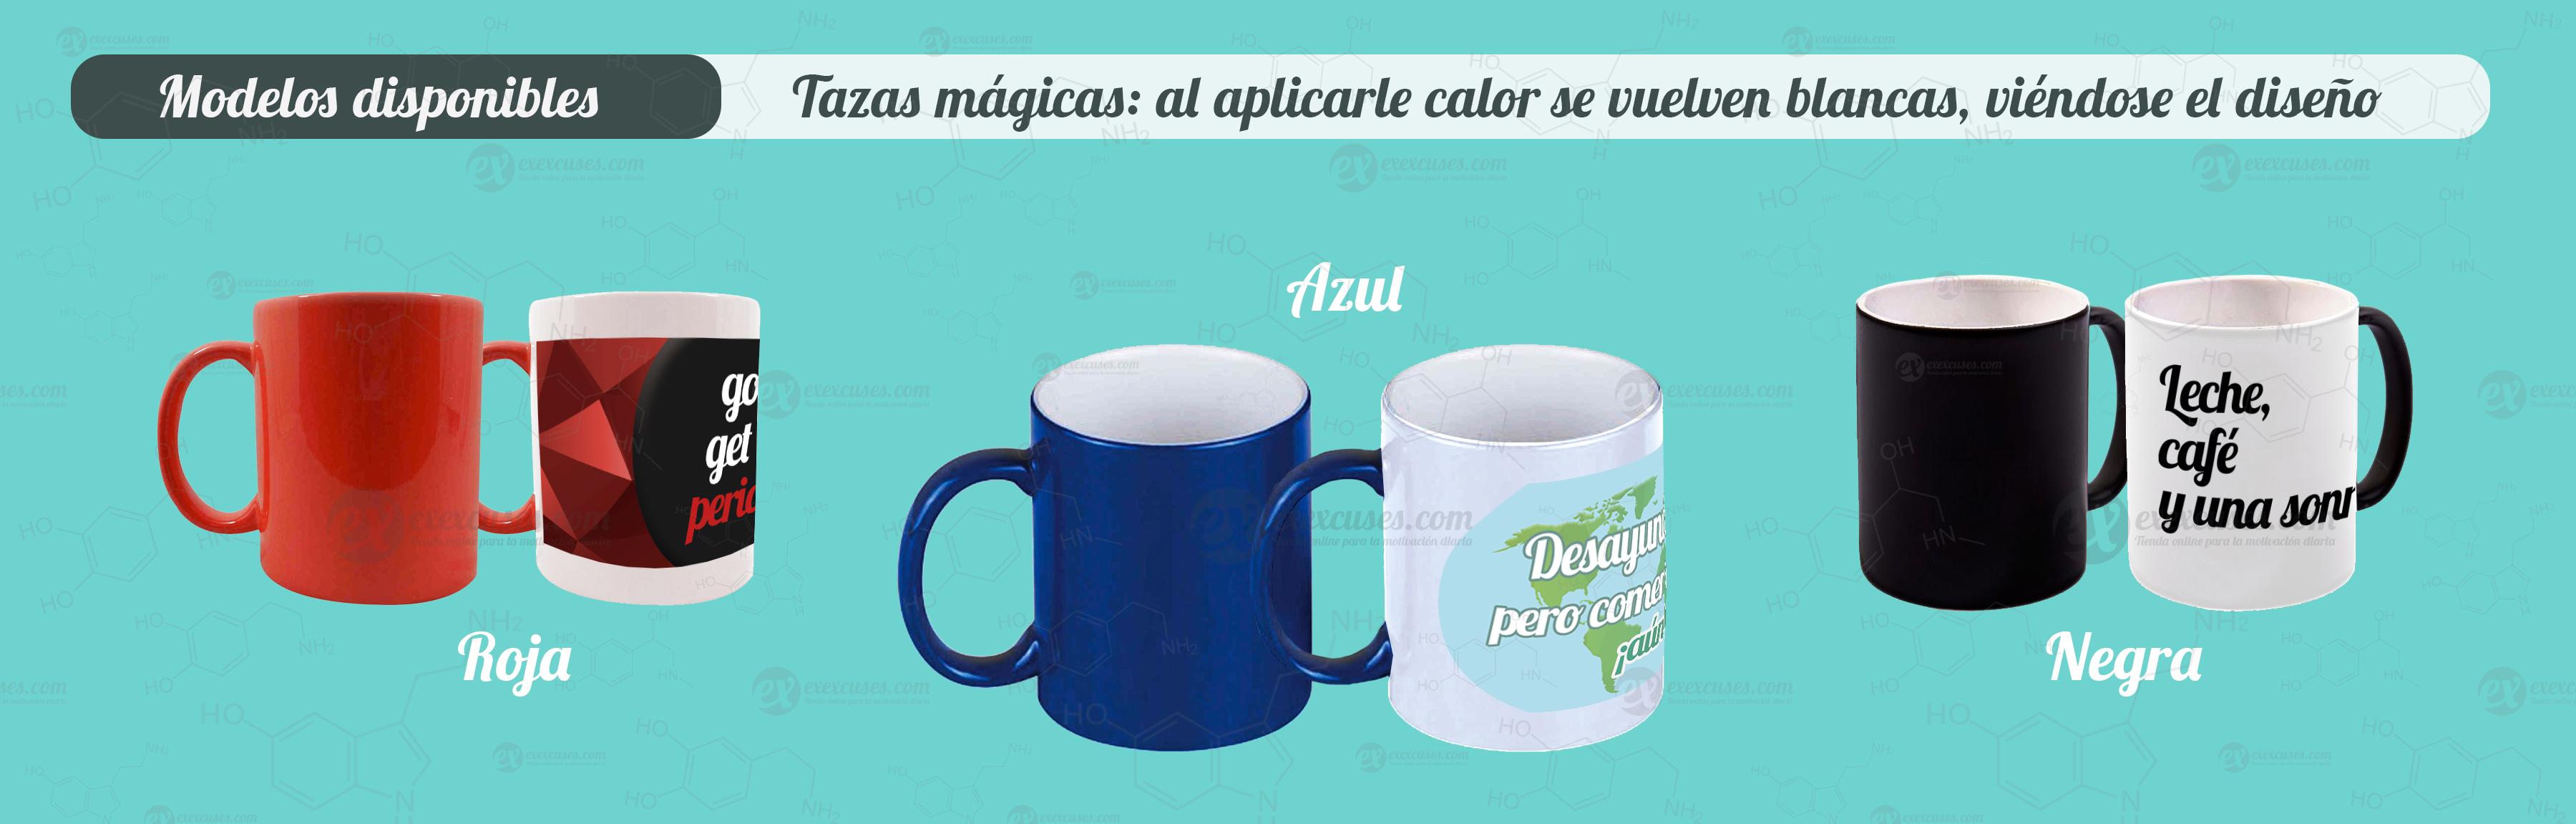 Taza blanca o m gica leche caf y una sonrisa for Modelos de tazas